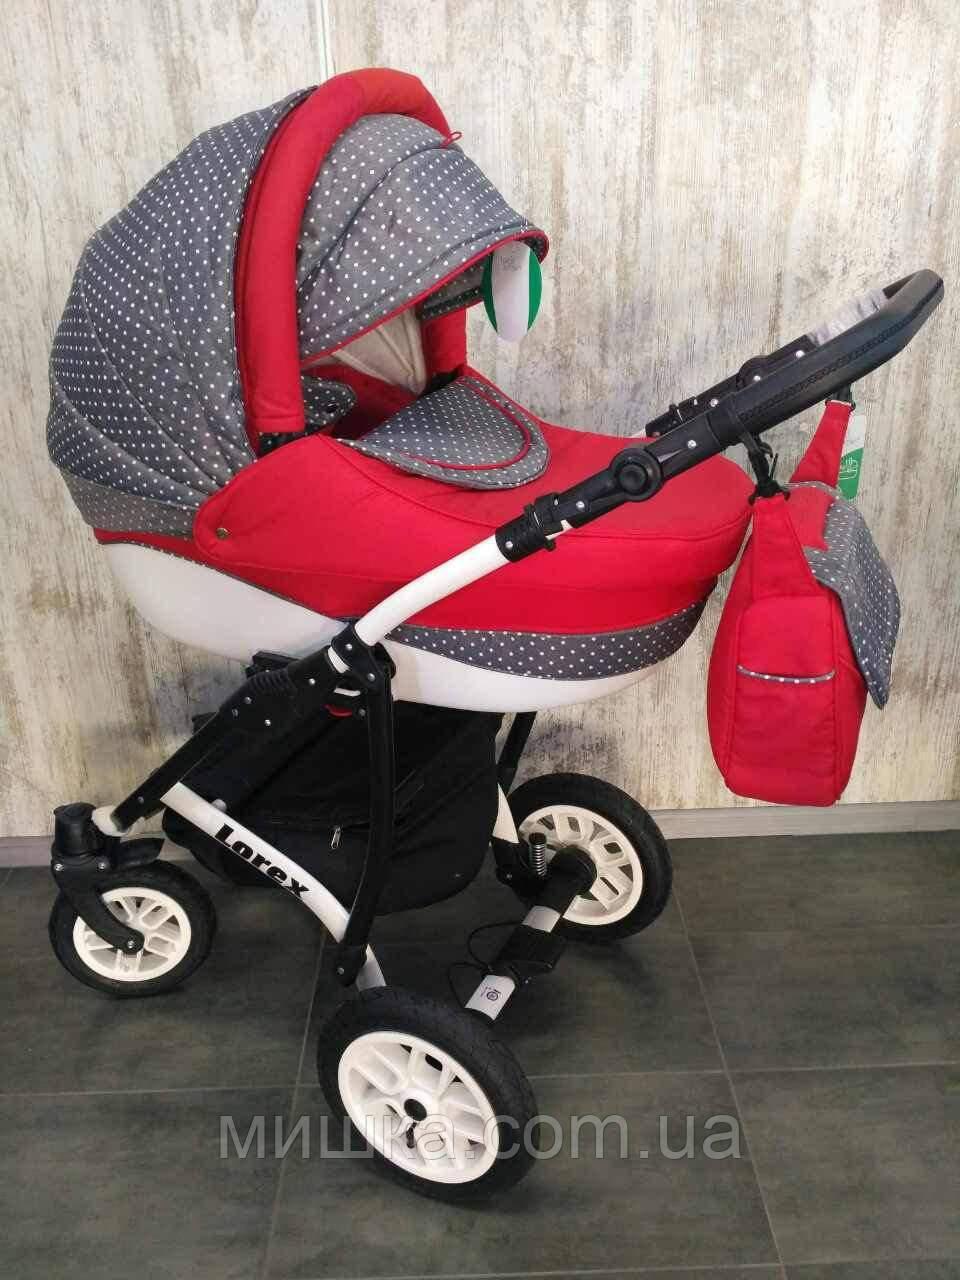 Детская коляска LOREX REMIX  универсальная серо-красная